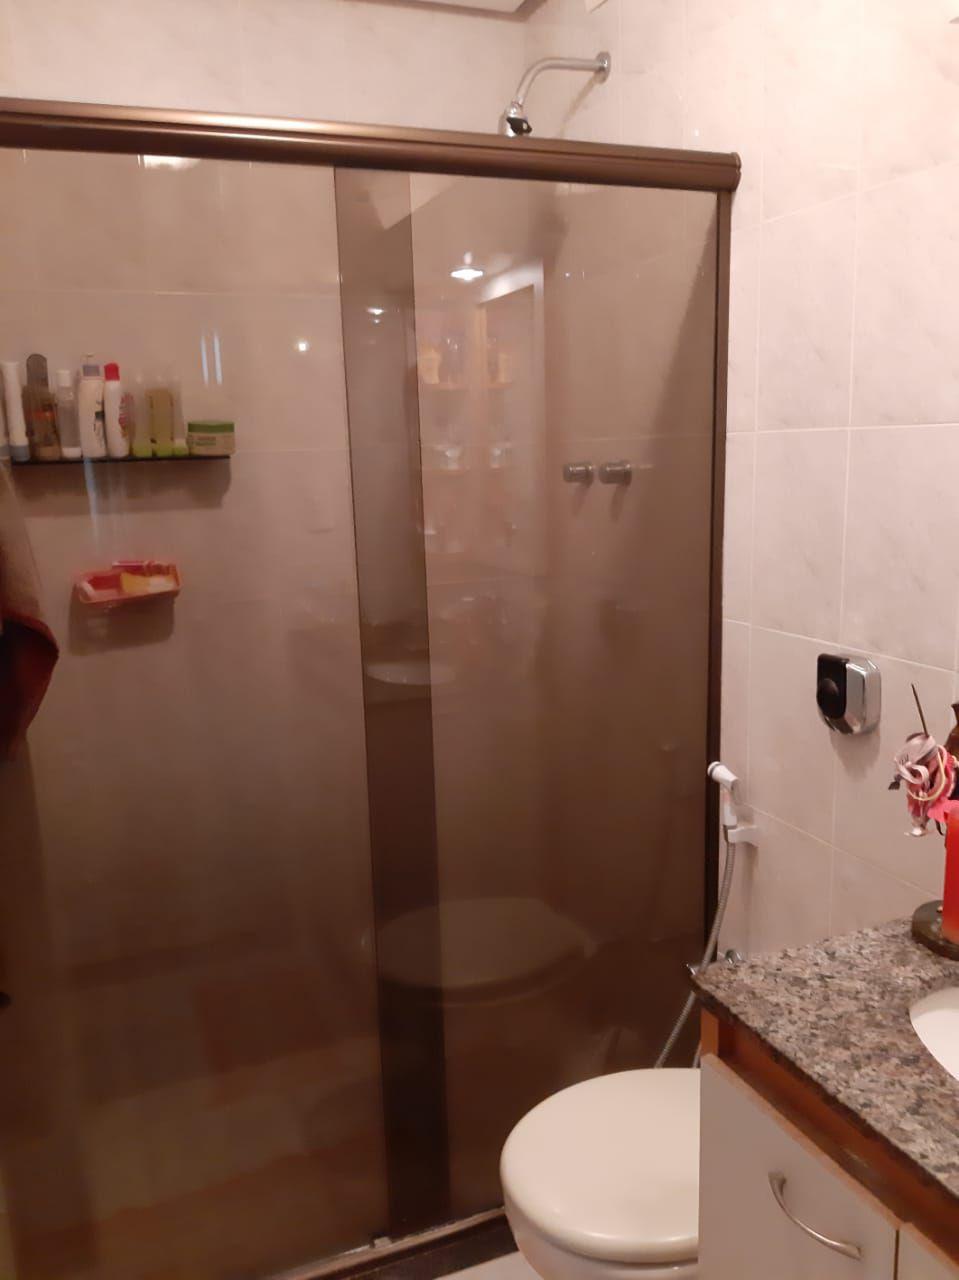 FOTO 6 - Apartamento à venda Rua Capitão Machado,Praça Seca, Rio de Janeiro - R$ 370.000 - RF171 - 7